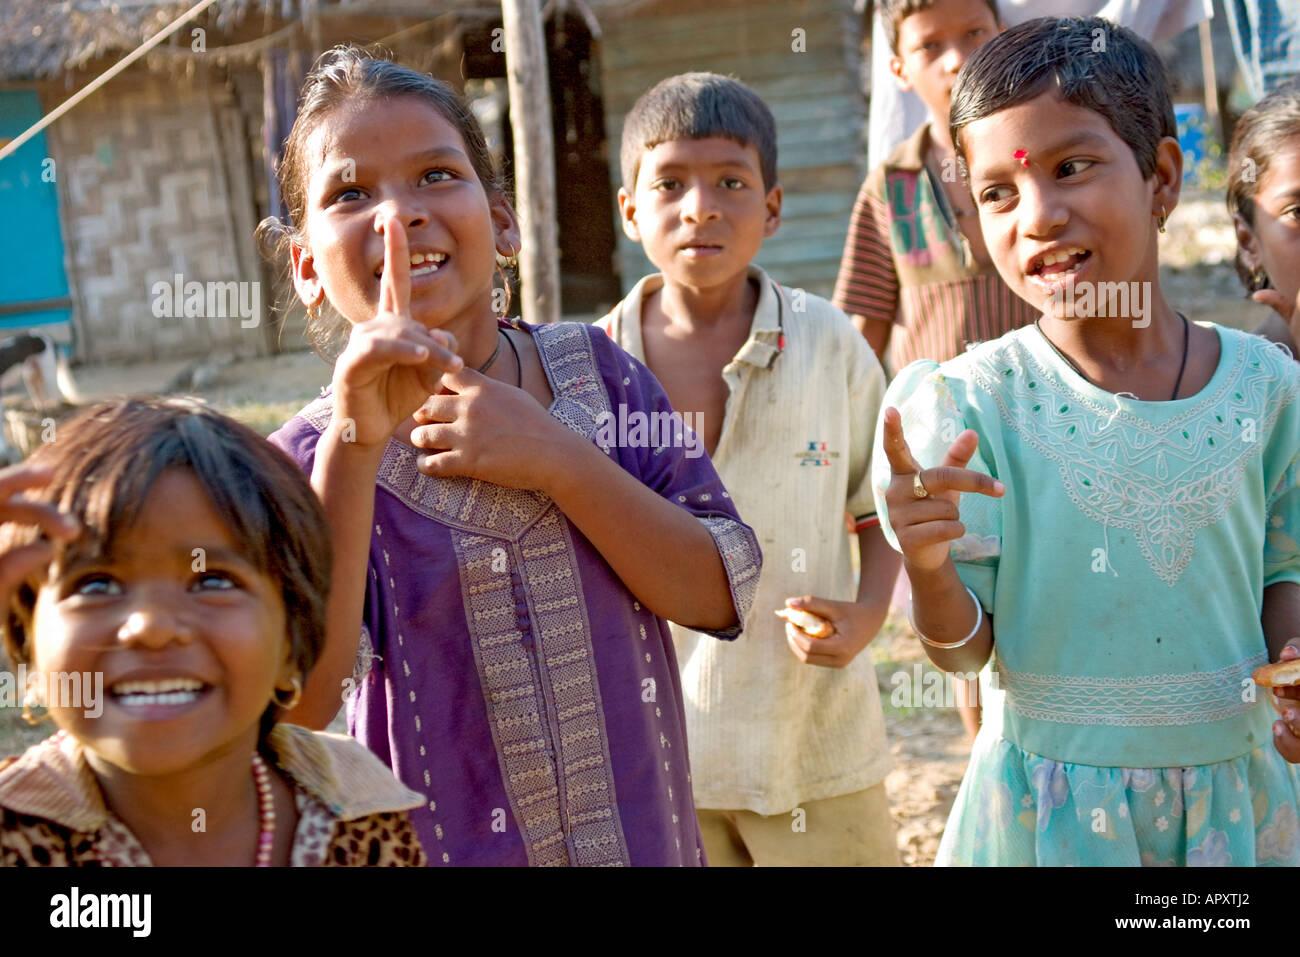 Children in fishing village, Cuthbert Bay, Andaman, Kinder in Fischerdorf, Andamanen, Indien children in fishing village, Andama - Stock Image